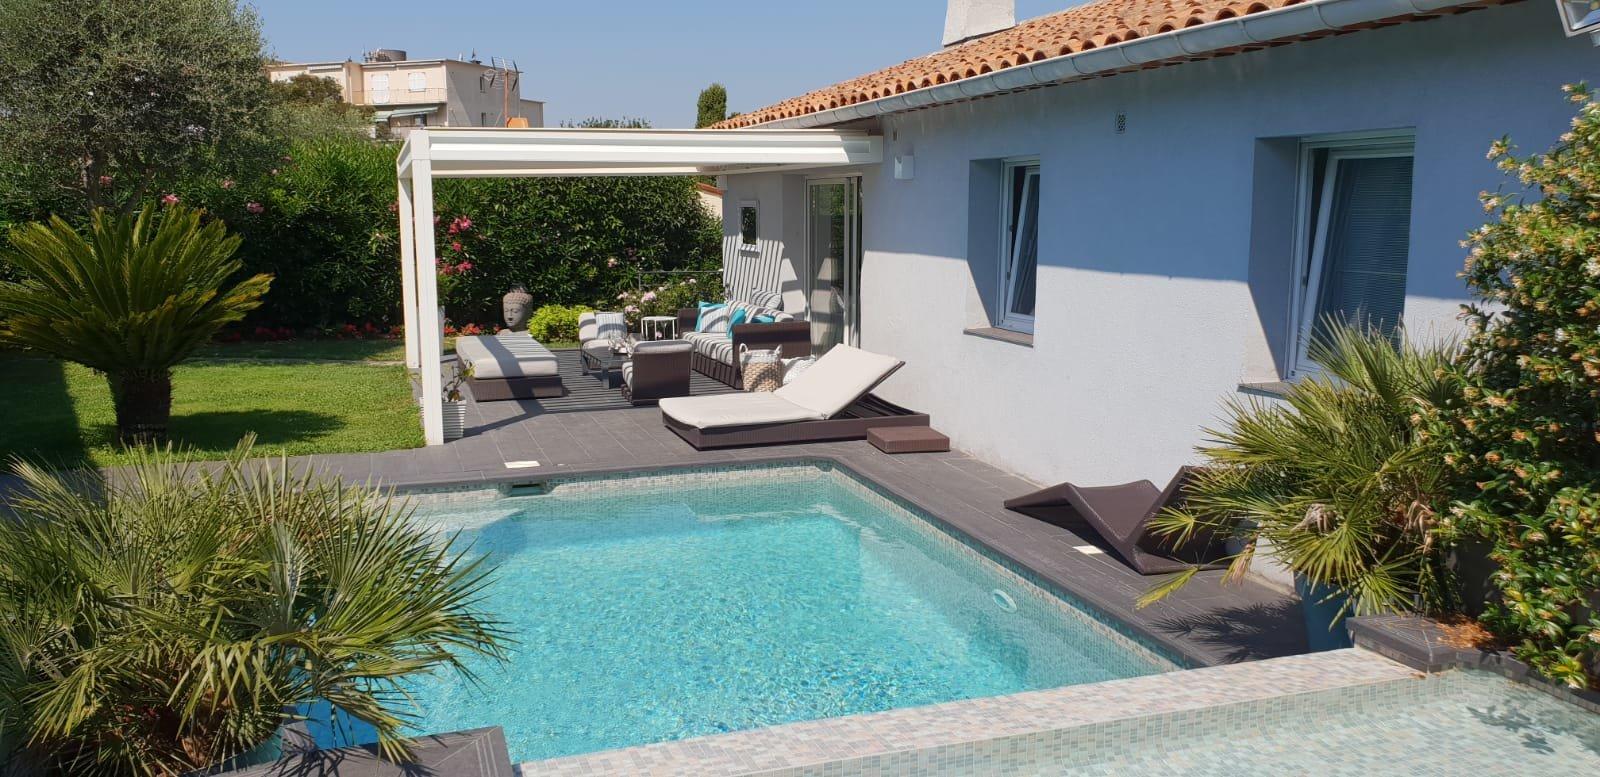 CANNES - Montfleury - Maison rénovée avec piscine